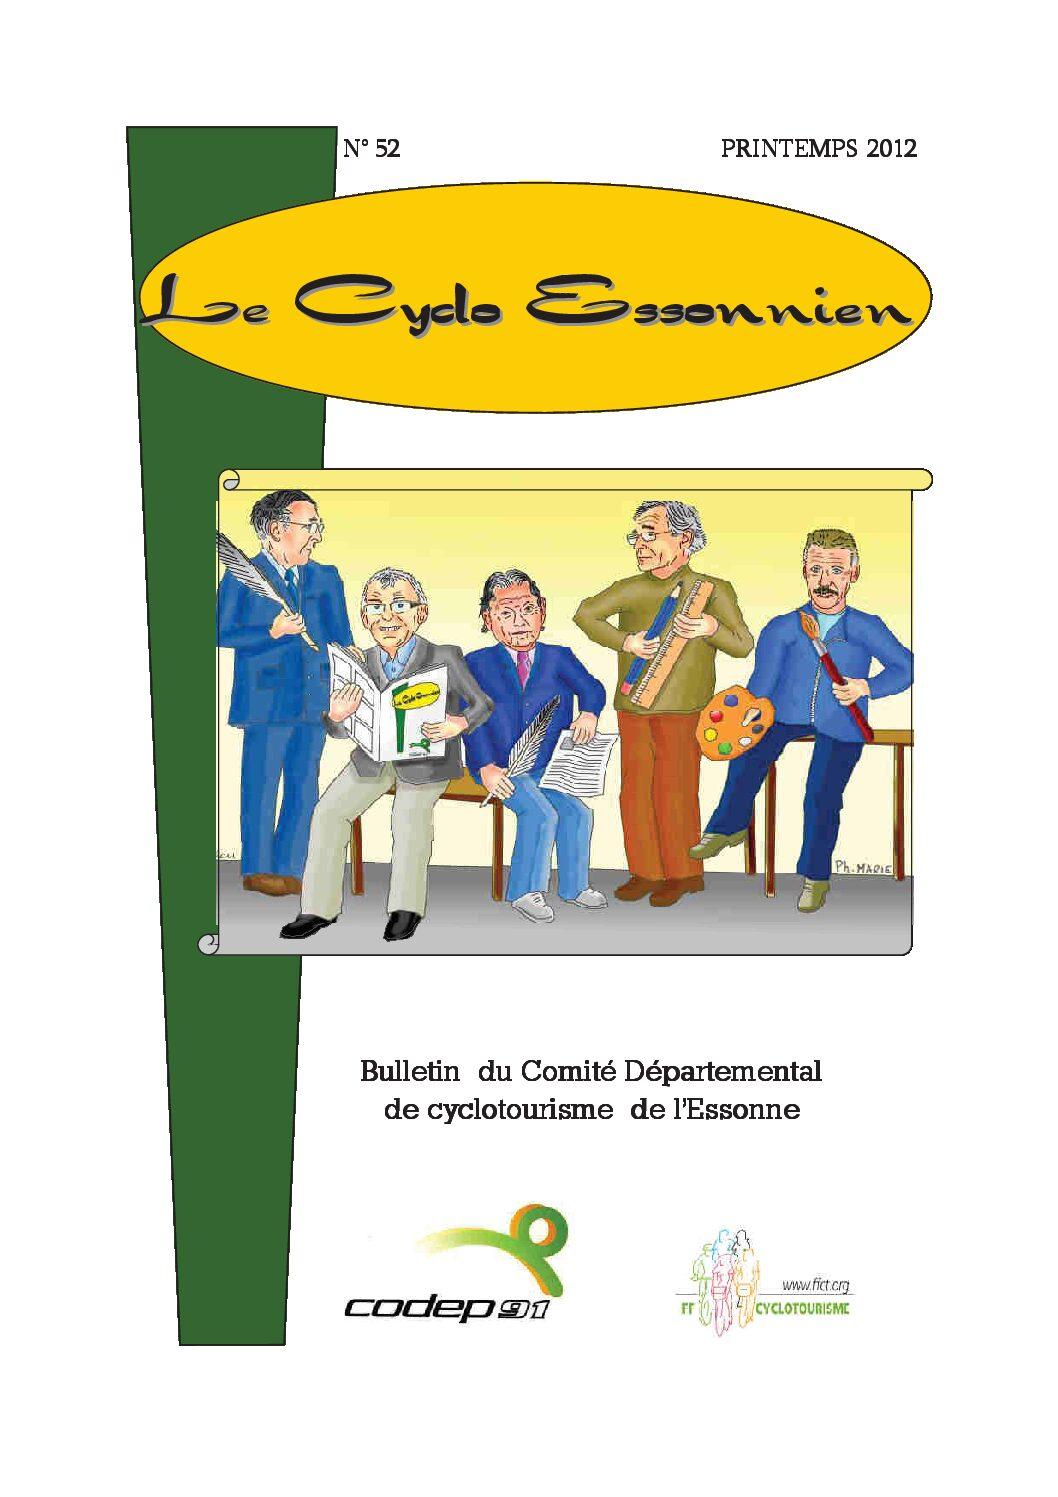 Le Cyclo Essonnien n°52